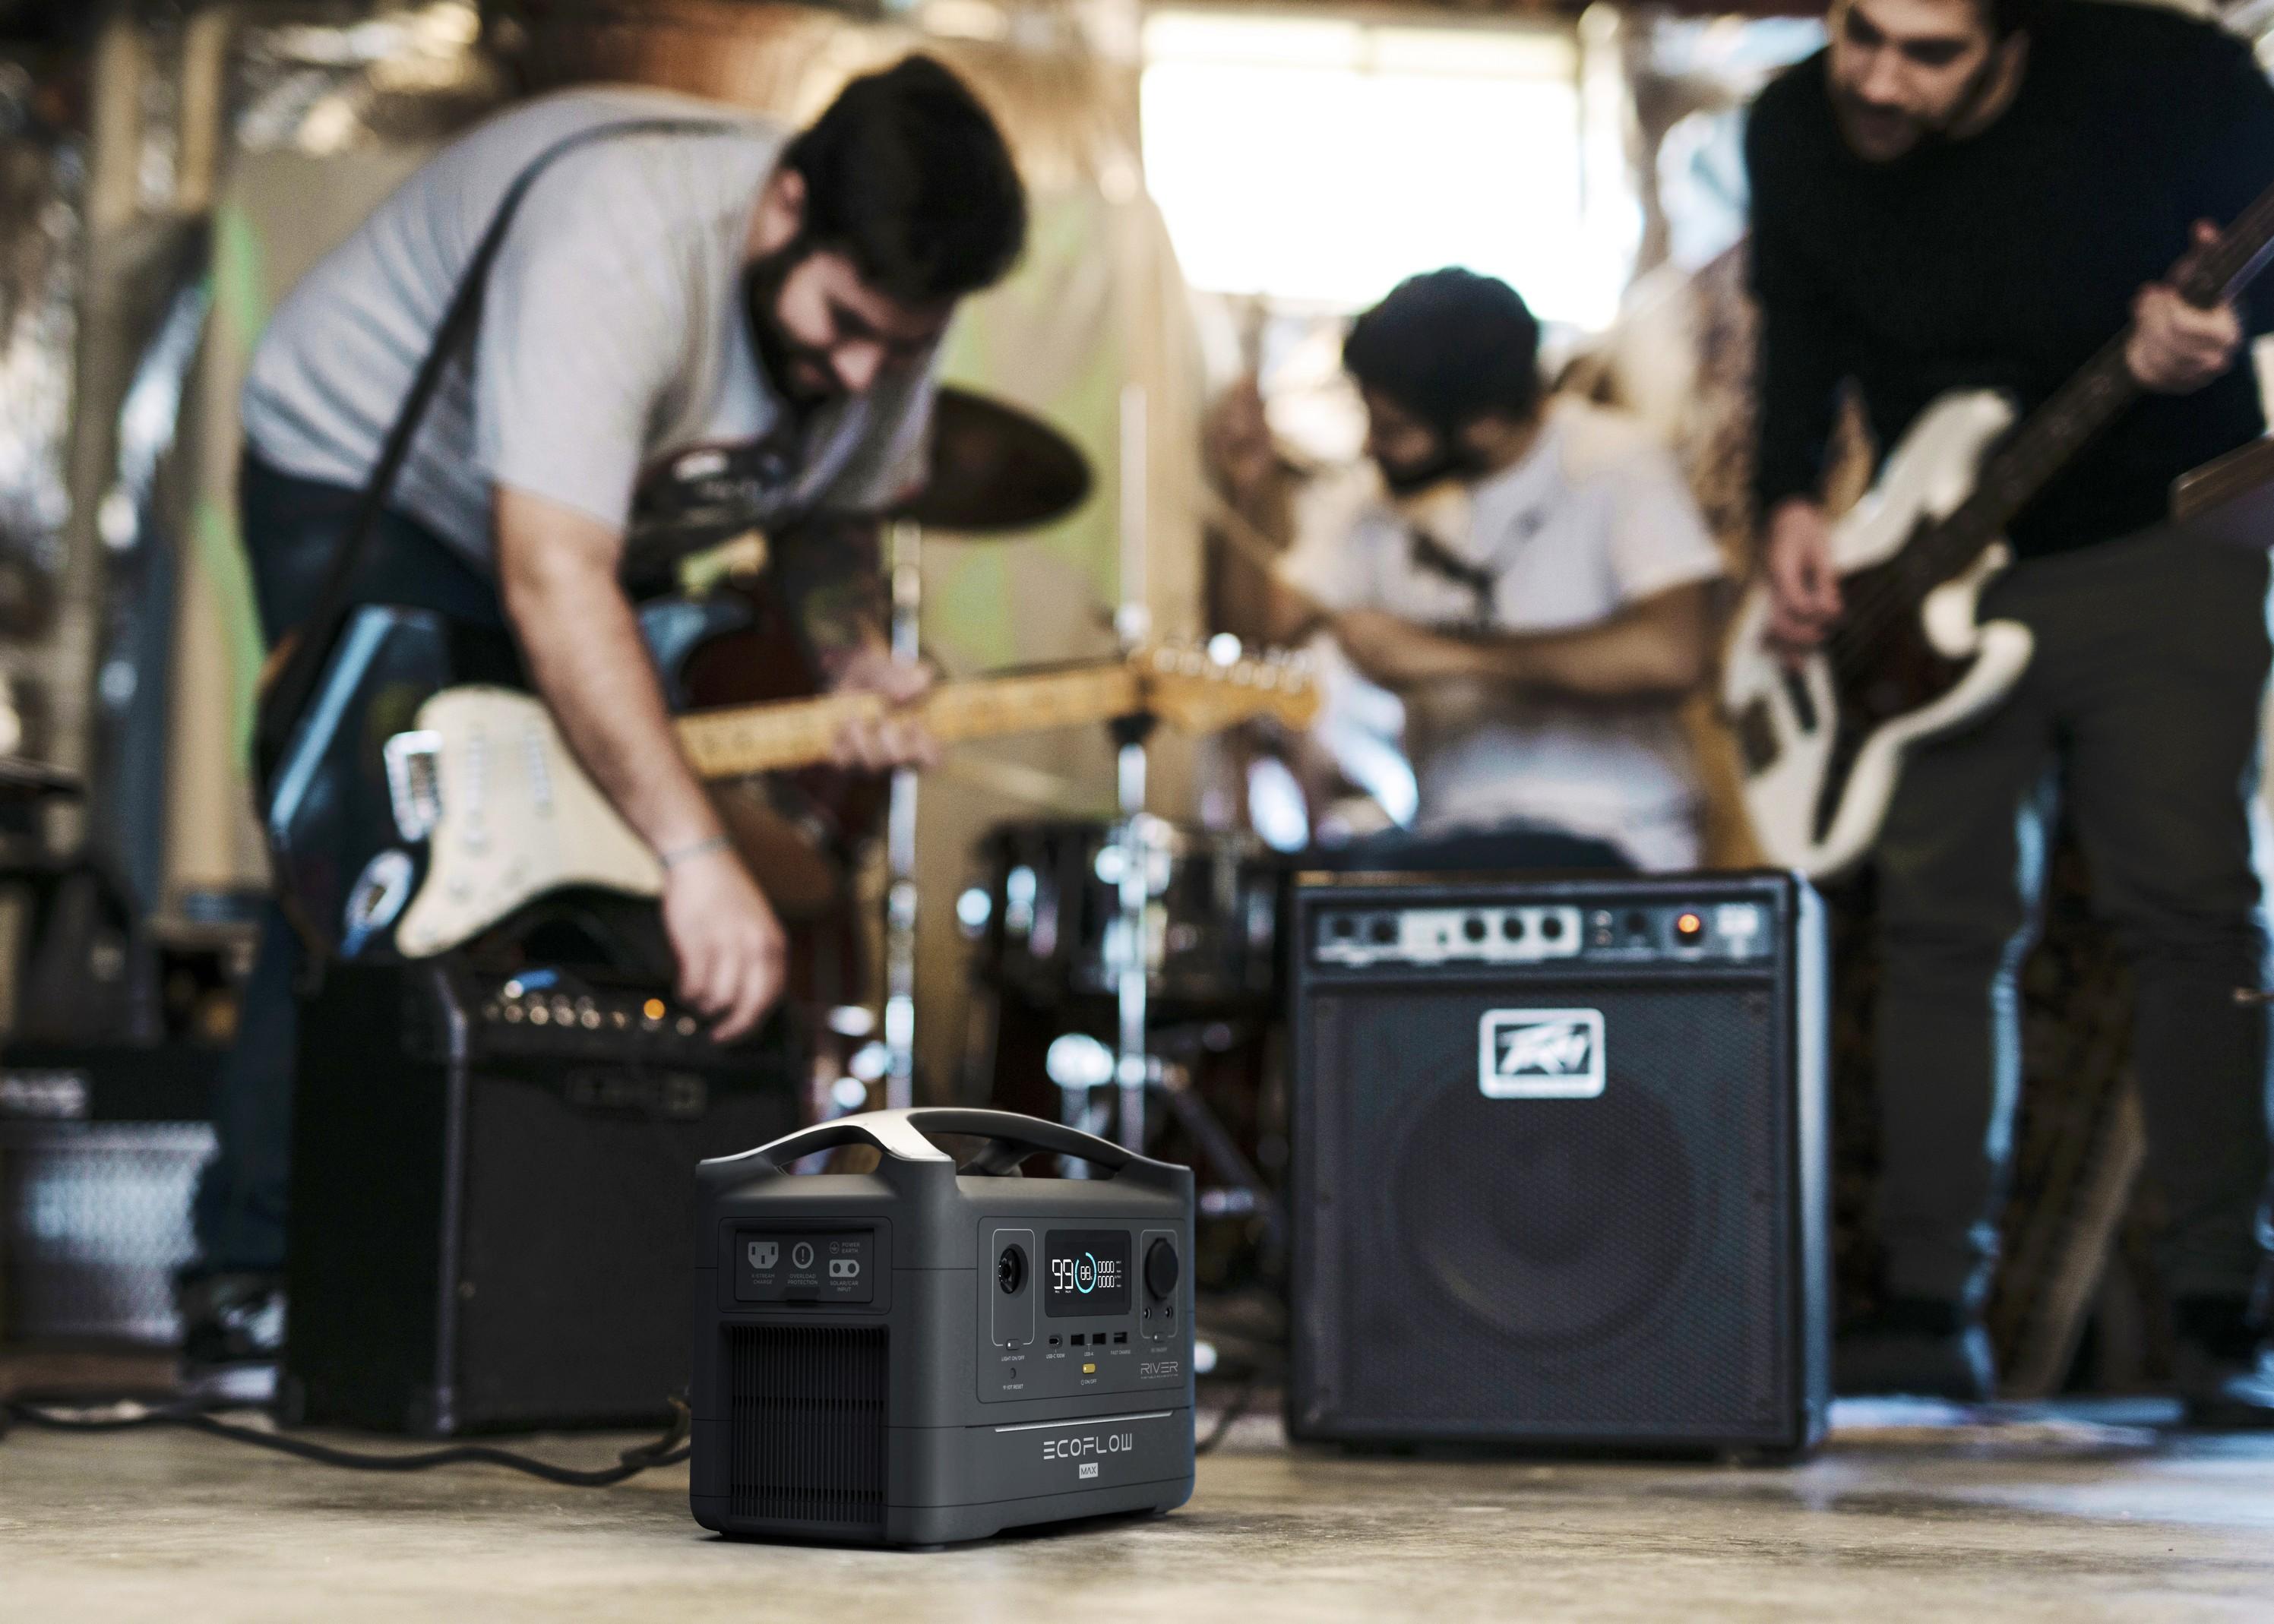 musique event salon marché ambulant ecoflow river max batterie portable 220V